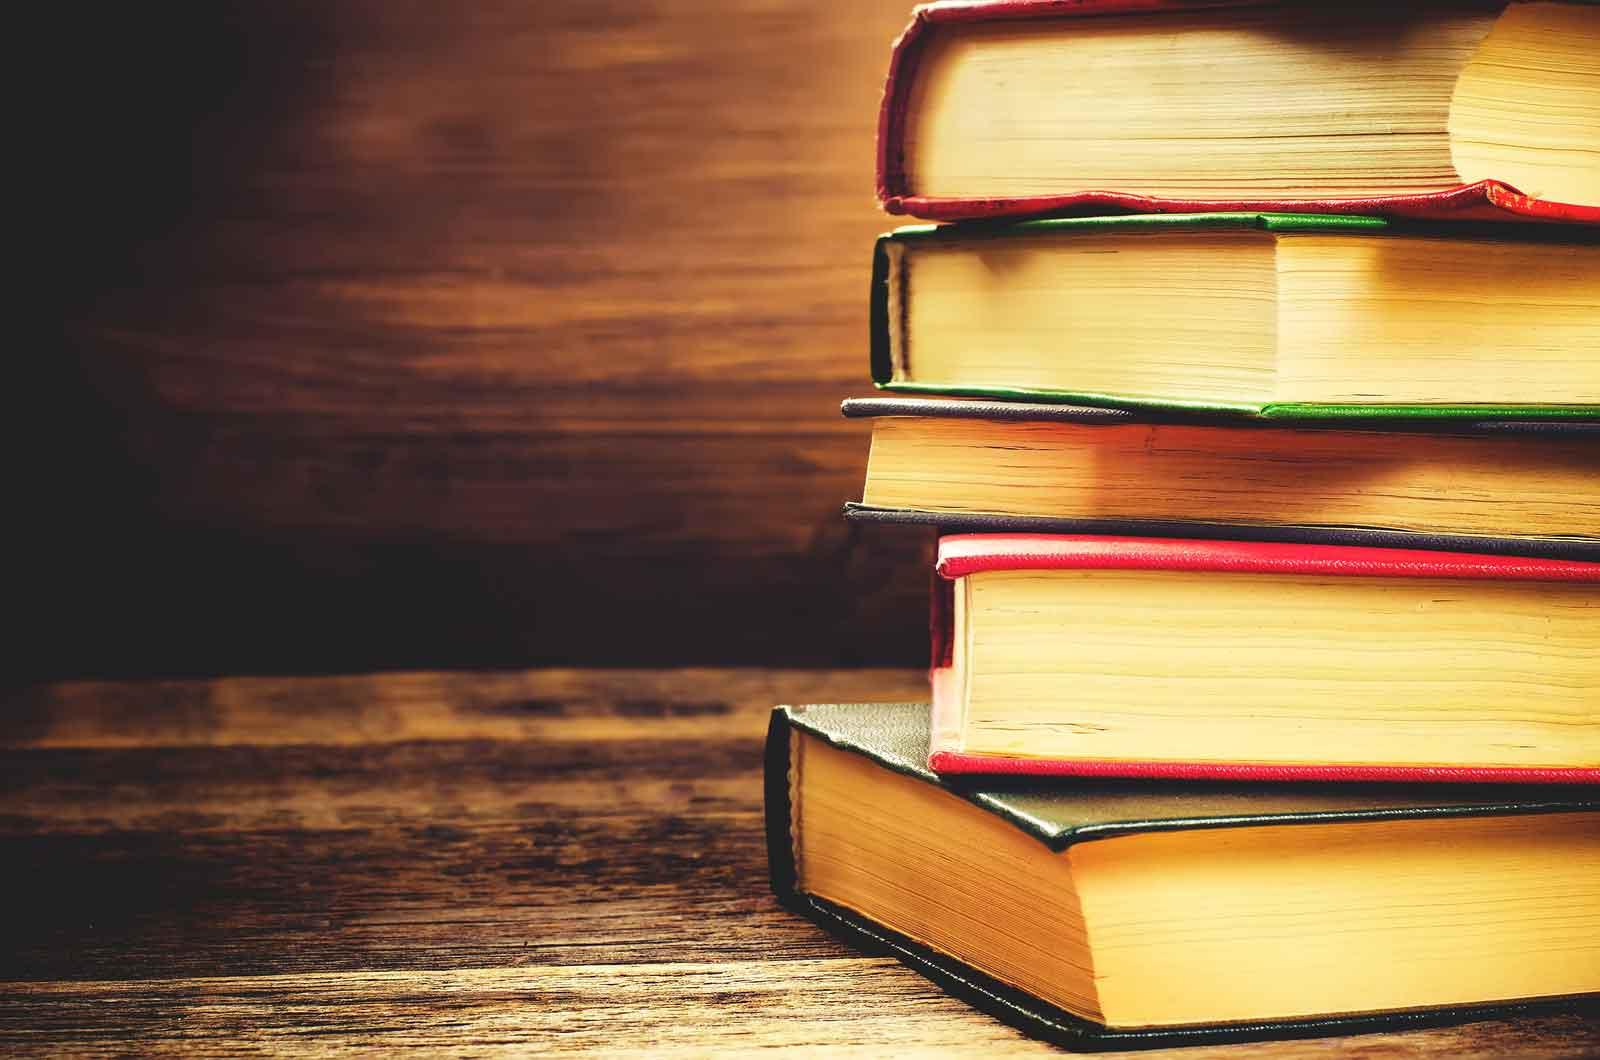 دانلود کتاب های نظام جدید حوزه - بروزرسانی شده شهریور 96